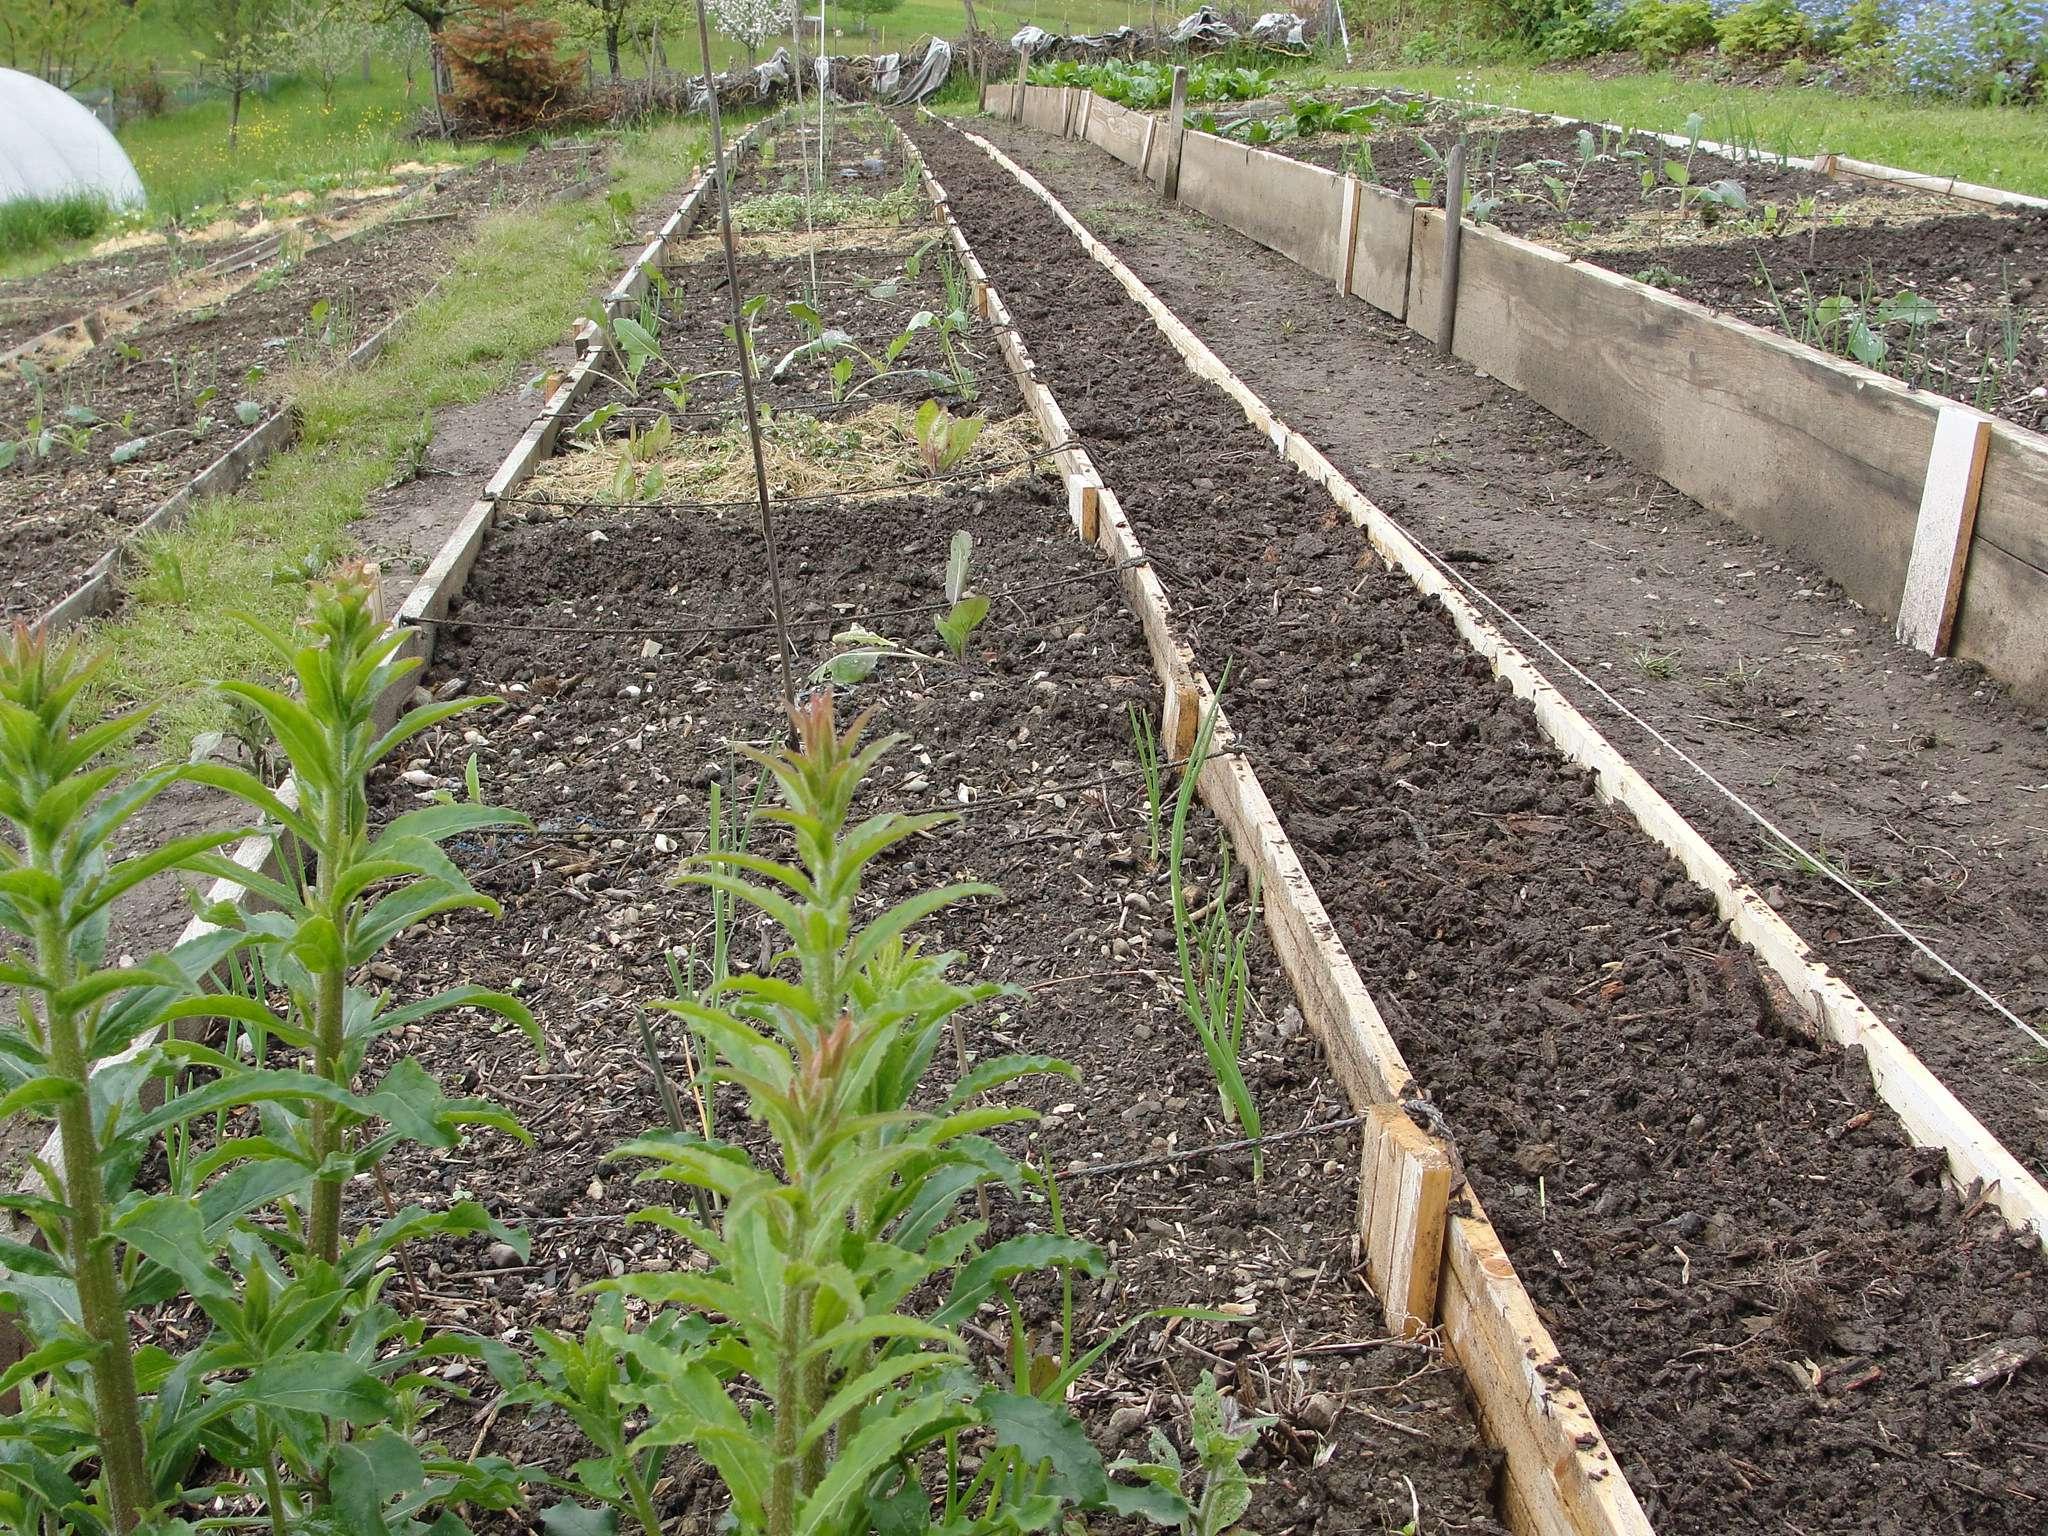 Chez marcol en 2013 potager fleuri et jardin fruitier au potager des membres page 25 for Planche potager